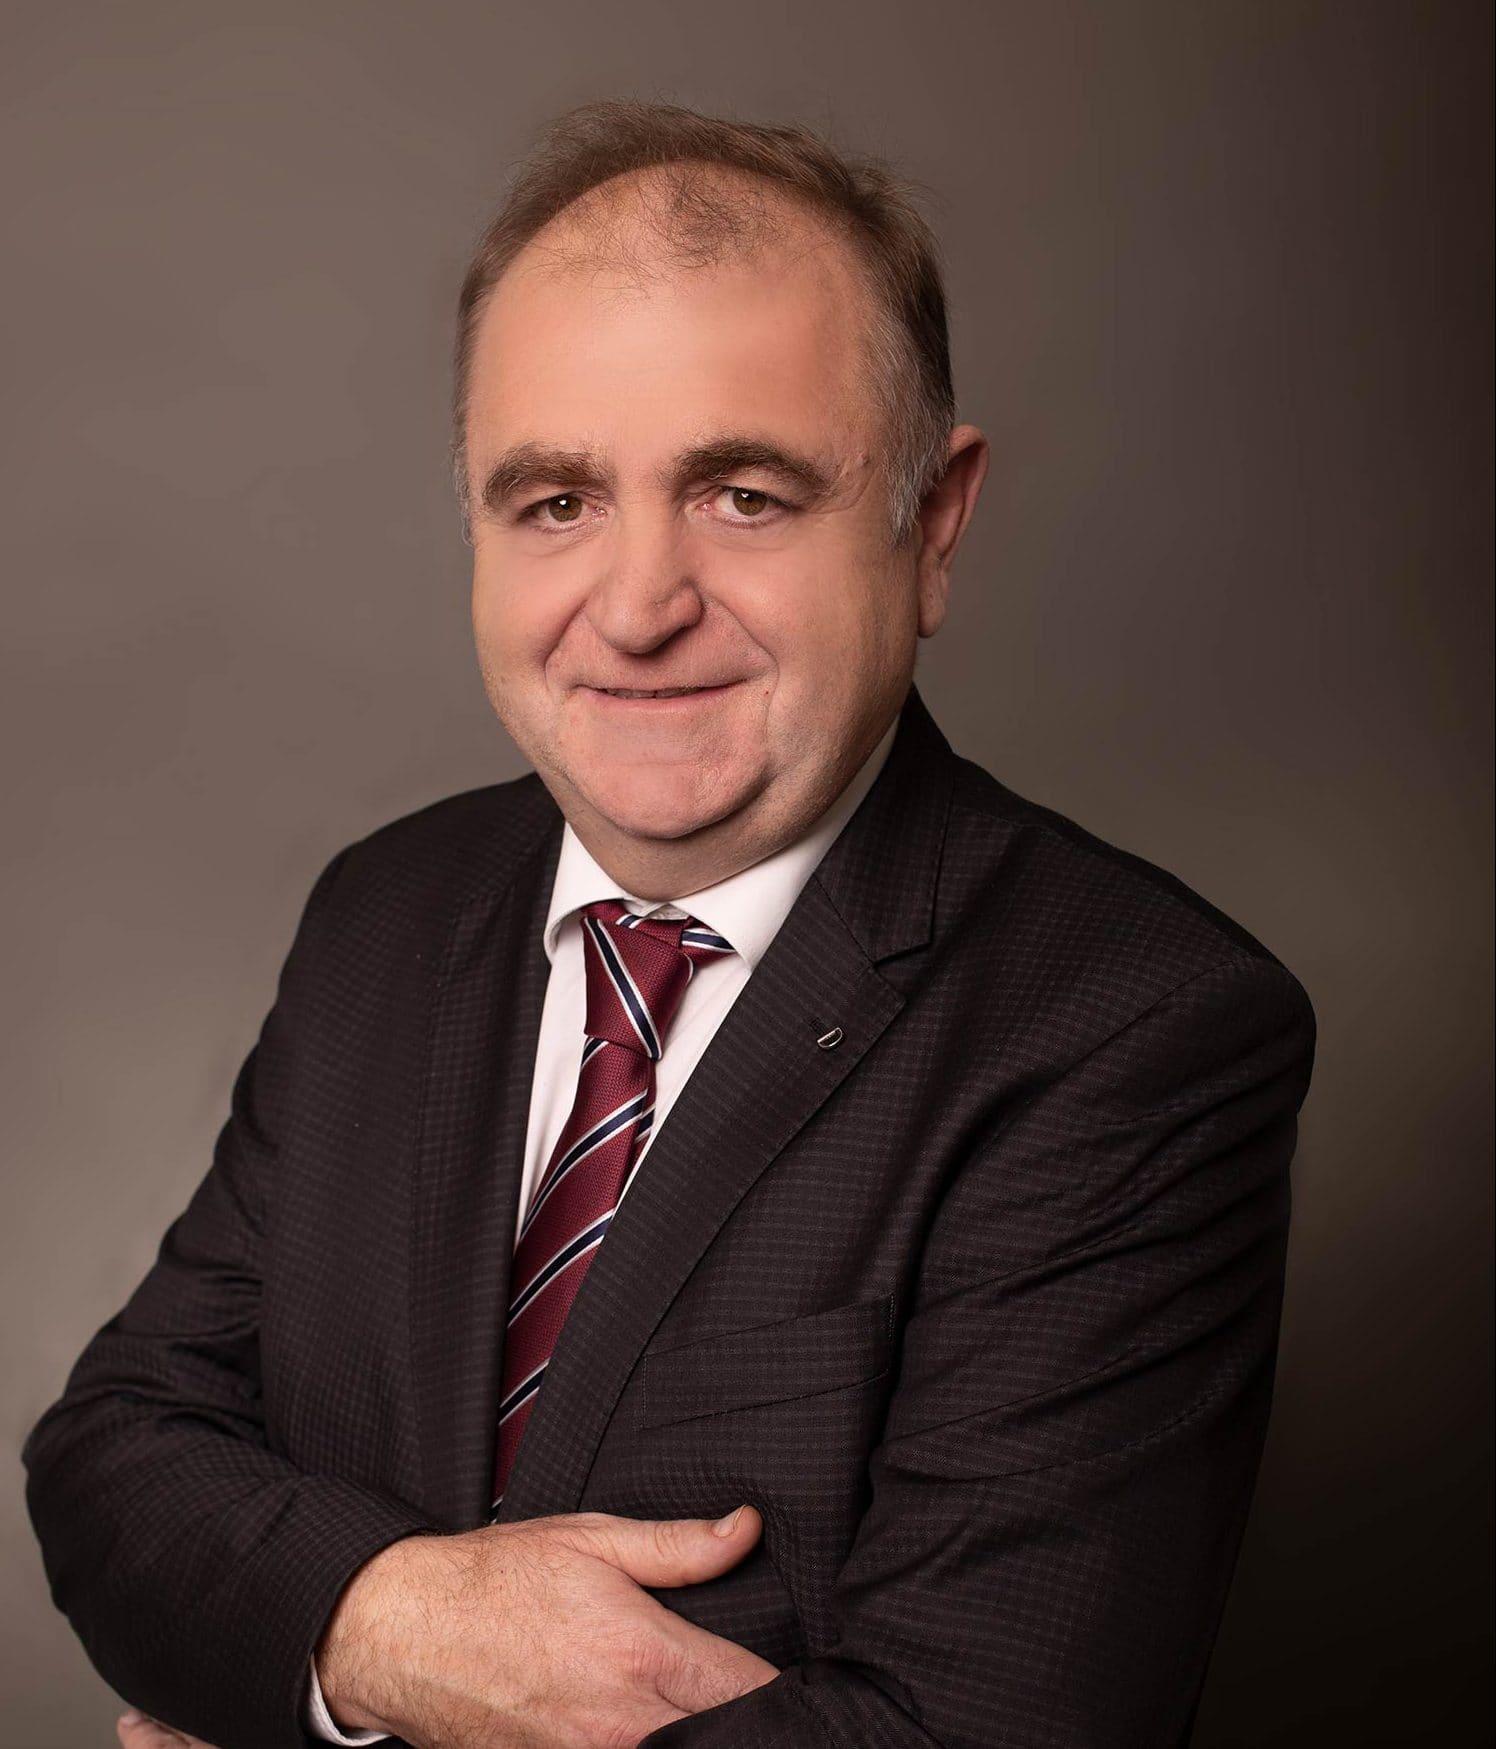 In Tegernheim wird Maximilian Kollmannsberger (FWG) auch in den kommenden sechs Jahren das Sagen haben. In der Stichwahl holte er 54,33 Prozent der Wählerstimmen. Sein Konkurrent Jürgen Beier (CSU) erreichte ein Ergebnis von 45,67 Prozent.